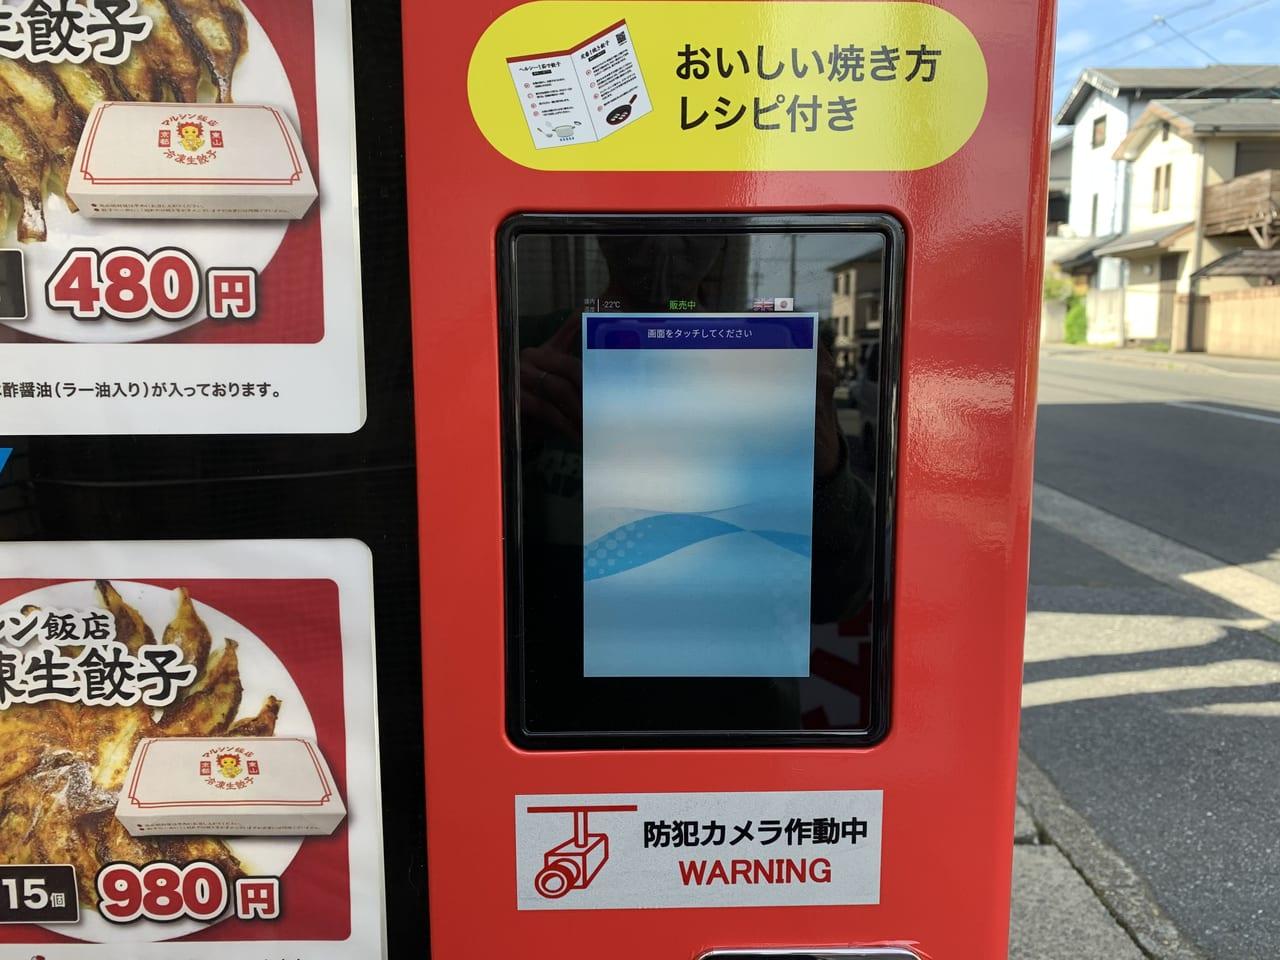 マルシン飯店冷凍餃子の自動販売機のタッチパネル